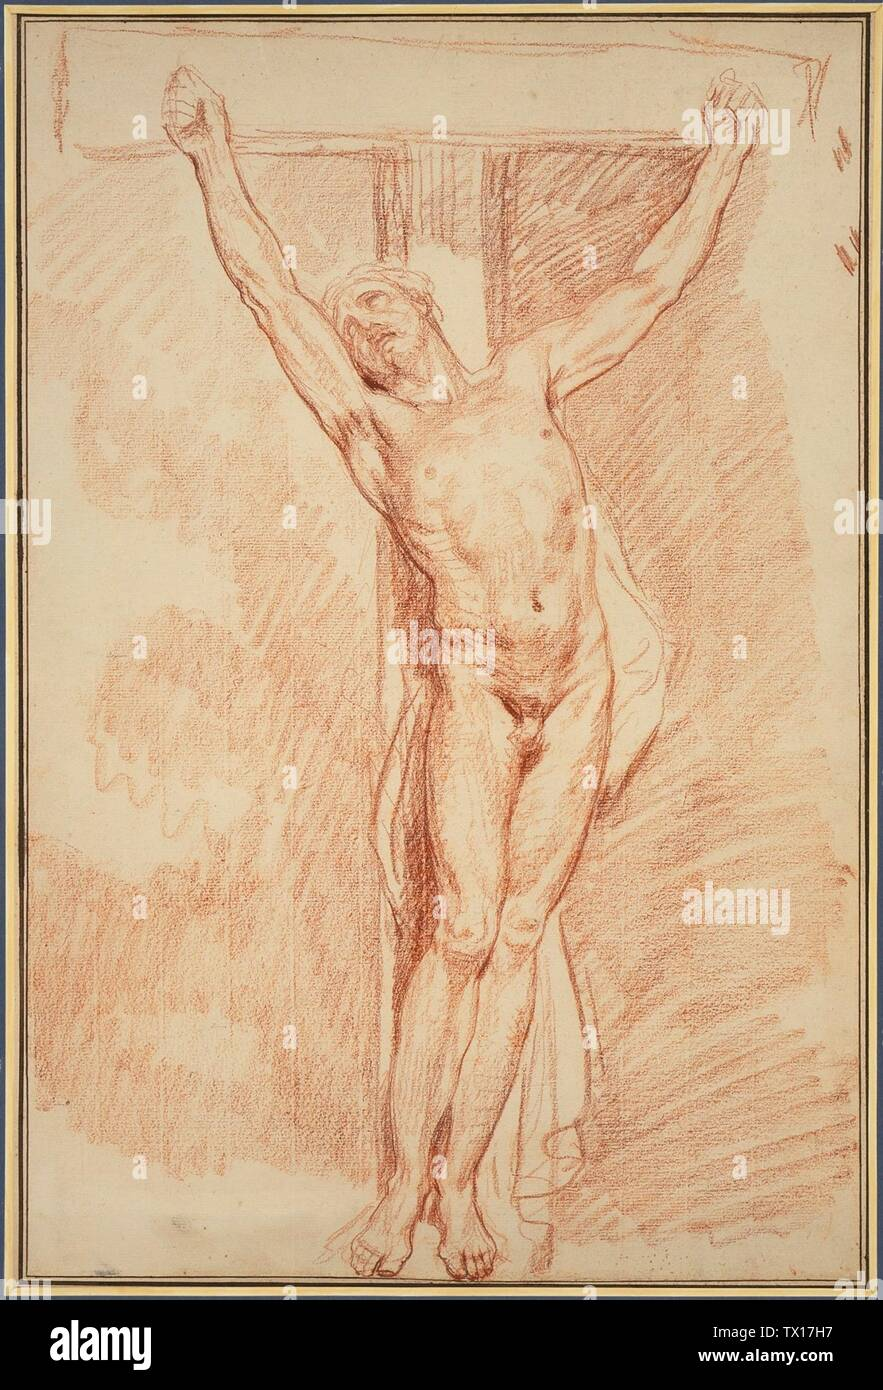 'Le Christ crucifié; français: France, circa 1765 Dessins craie rouge Don de Nelly et Jim Kilroy à travers le Comité des collecteurs 1990 (AC1997.227.1) Estampes et dessins; années 1765 QS date:P571,+1765-00-00T00:00:00Z/9,P1480,Q5727902; ' Photo Stock